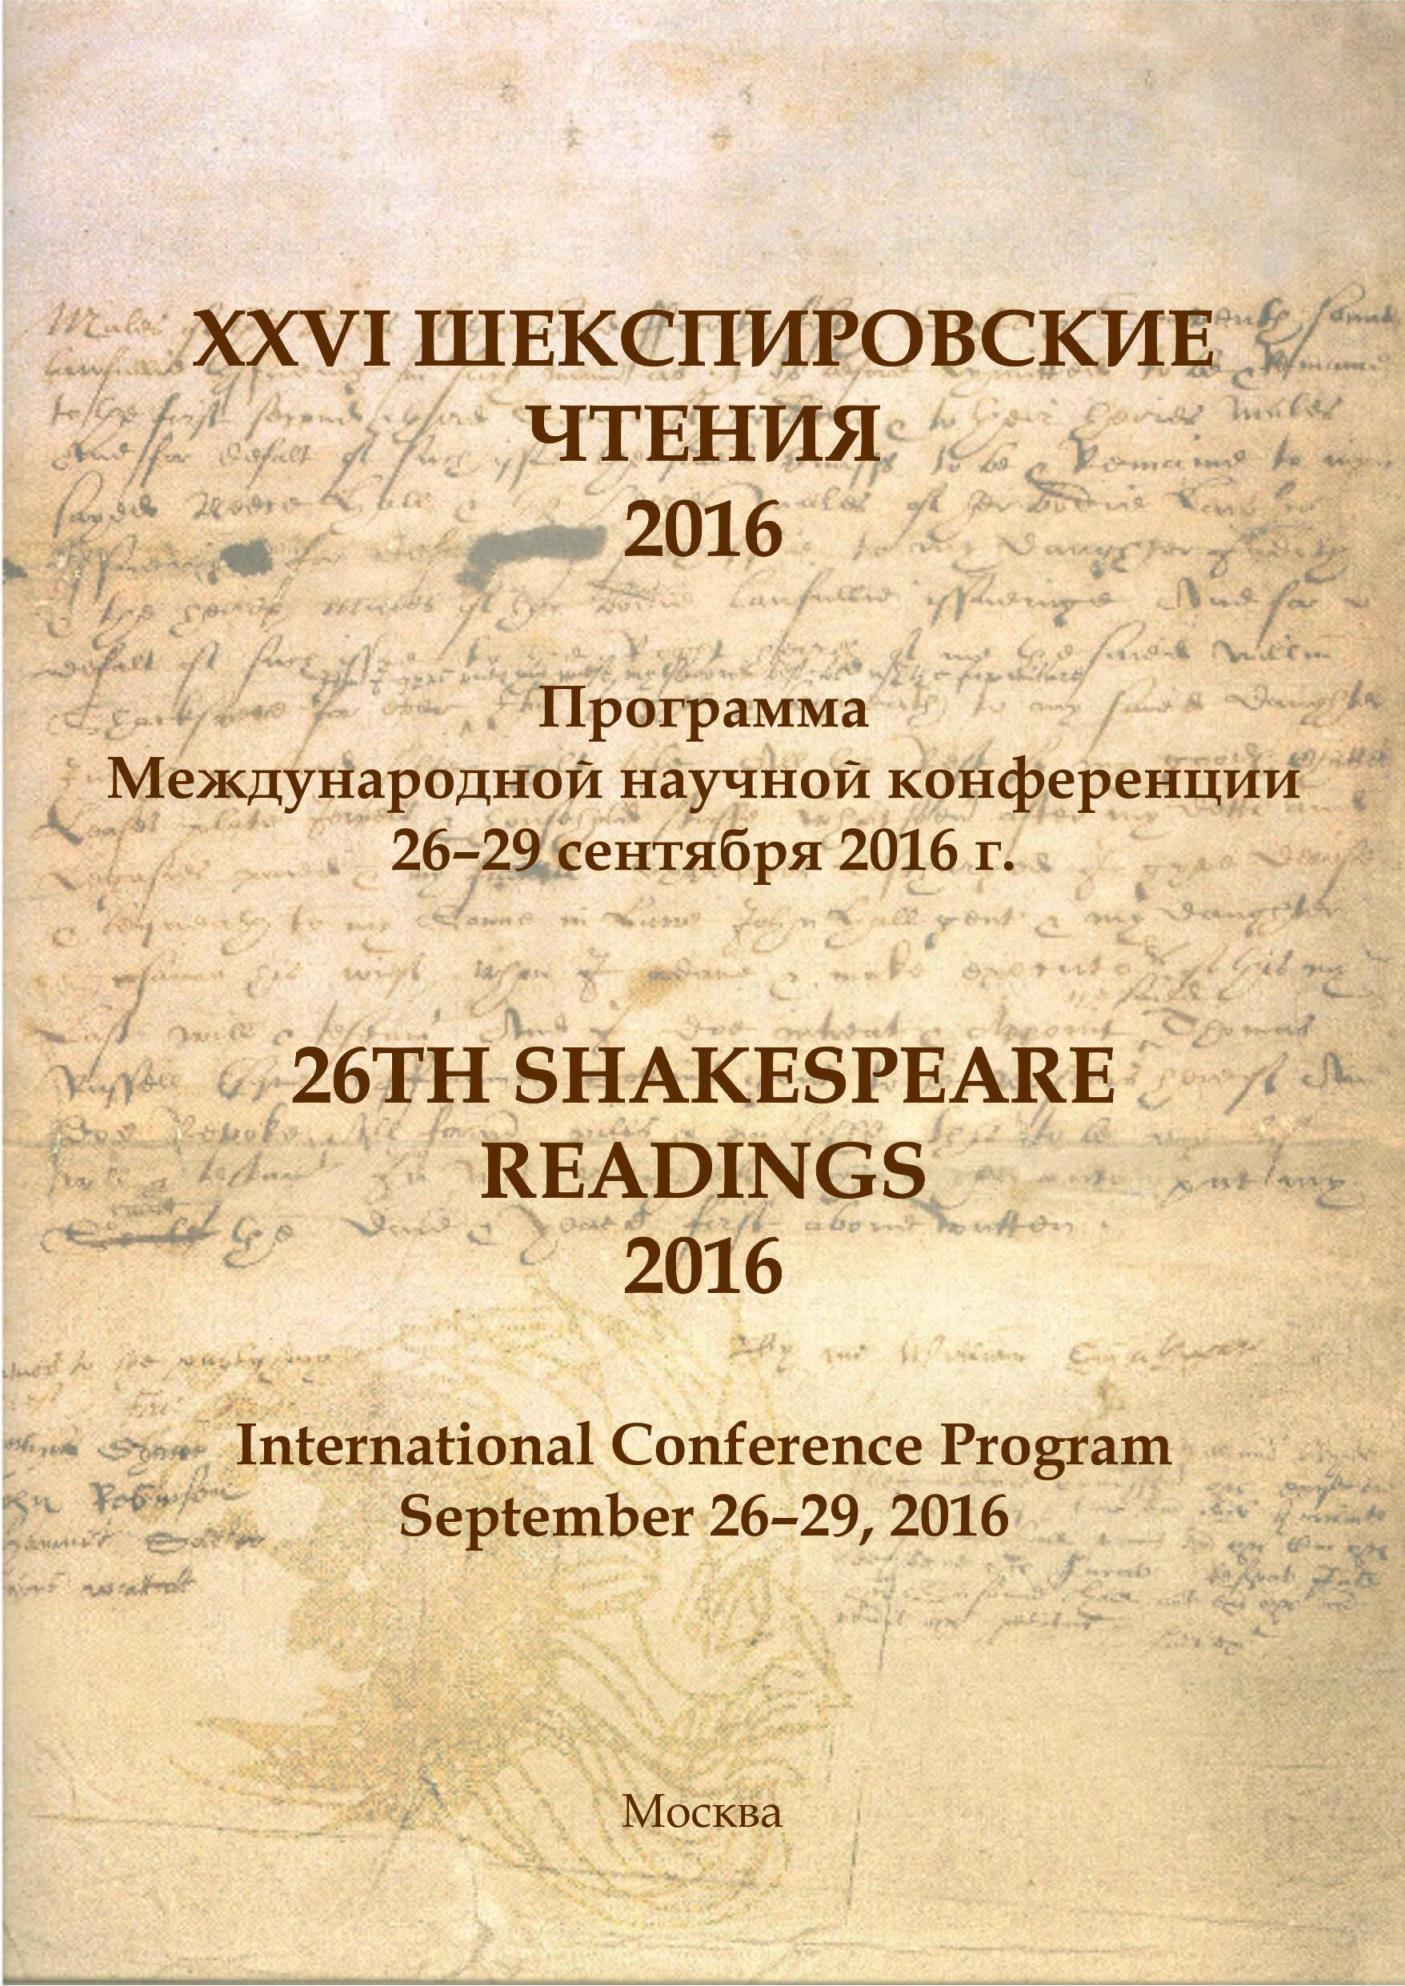 Программа XXVI Международной научной конференции «Шекспировские чтения 2016: 400 лет бессмертия поэта»